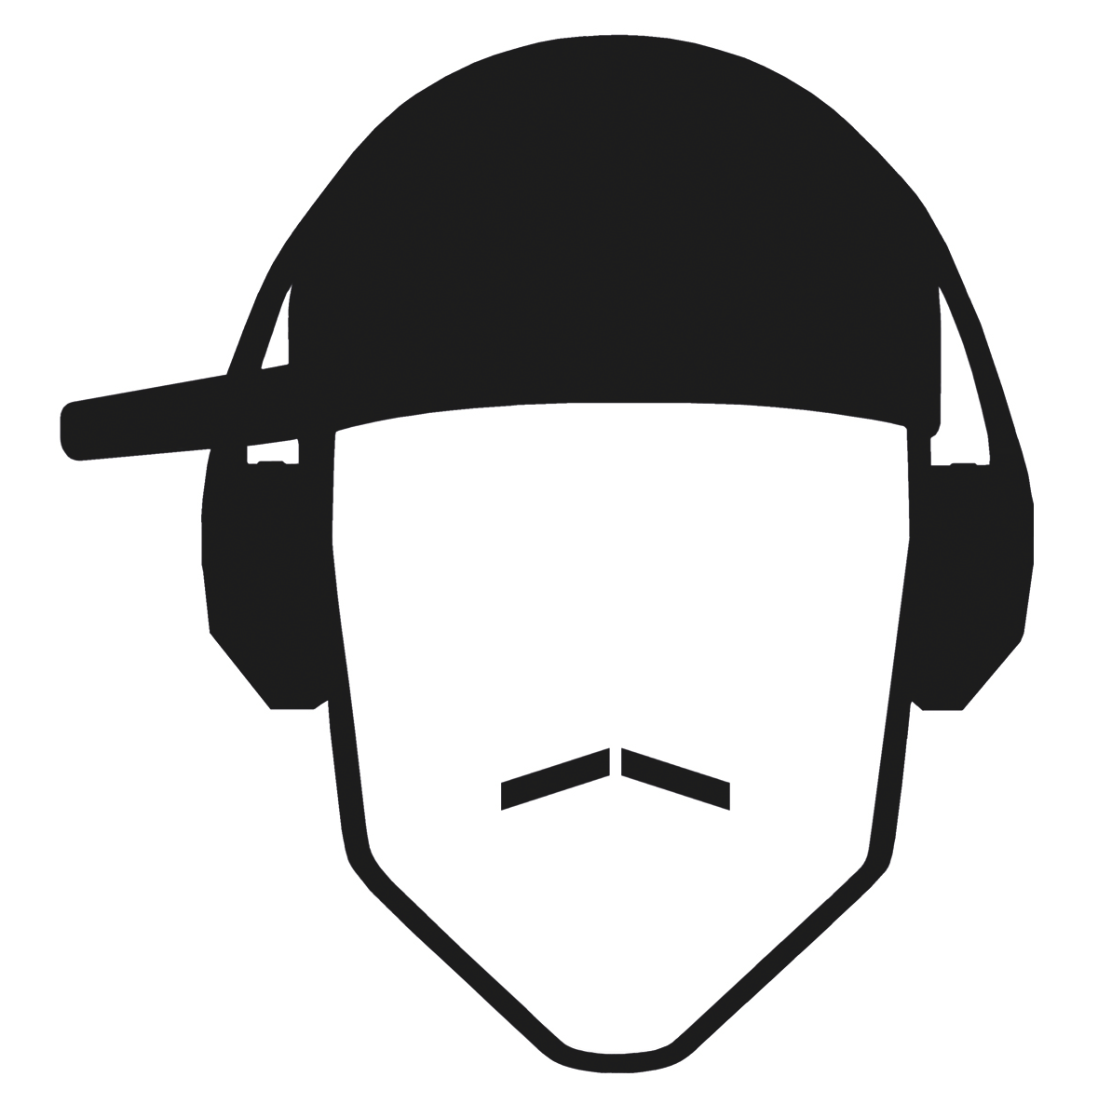 DJ souleil logo - NYE Atomlabor Special - Boogie Down to 2015 mit DJ Souleil